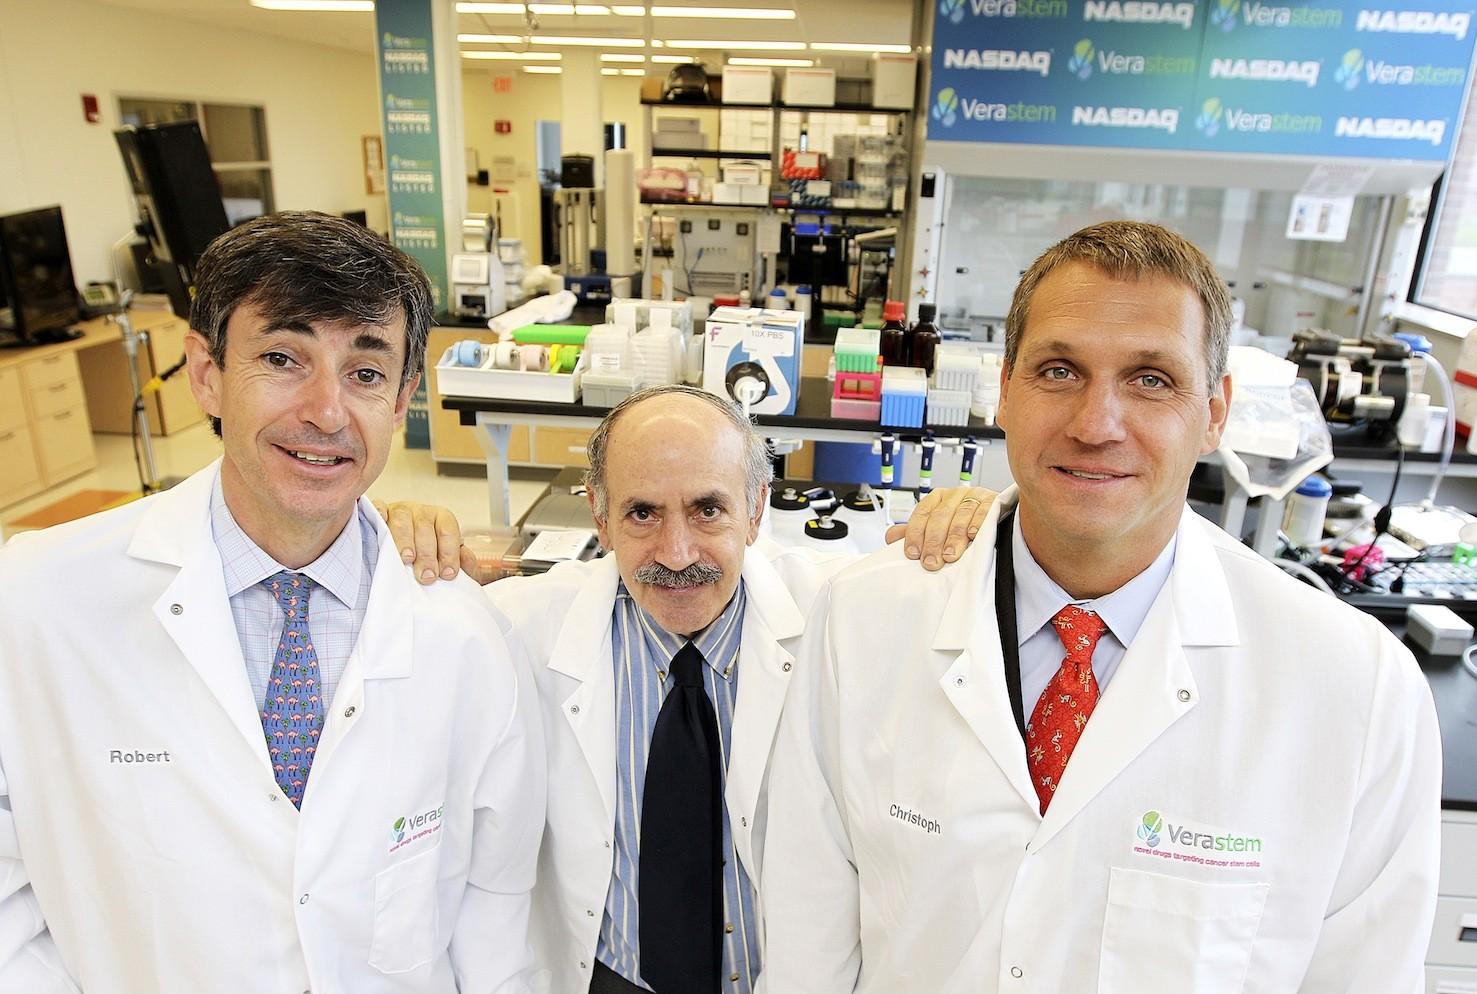 Verastem team: CEO Robert Forrester, Dr. Robert Weinberg, Dr. Christoph Westphal